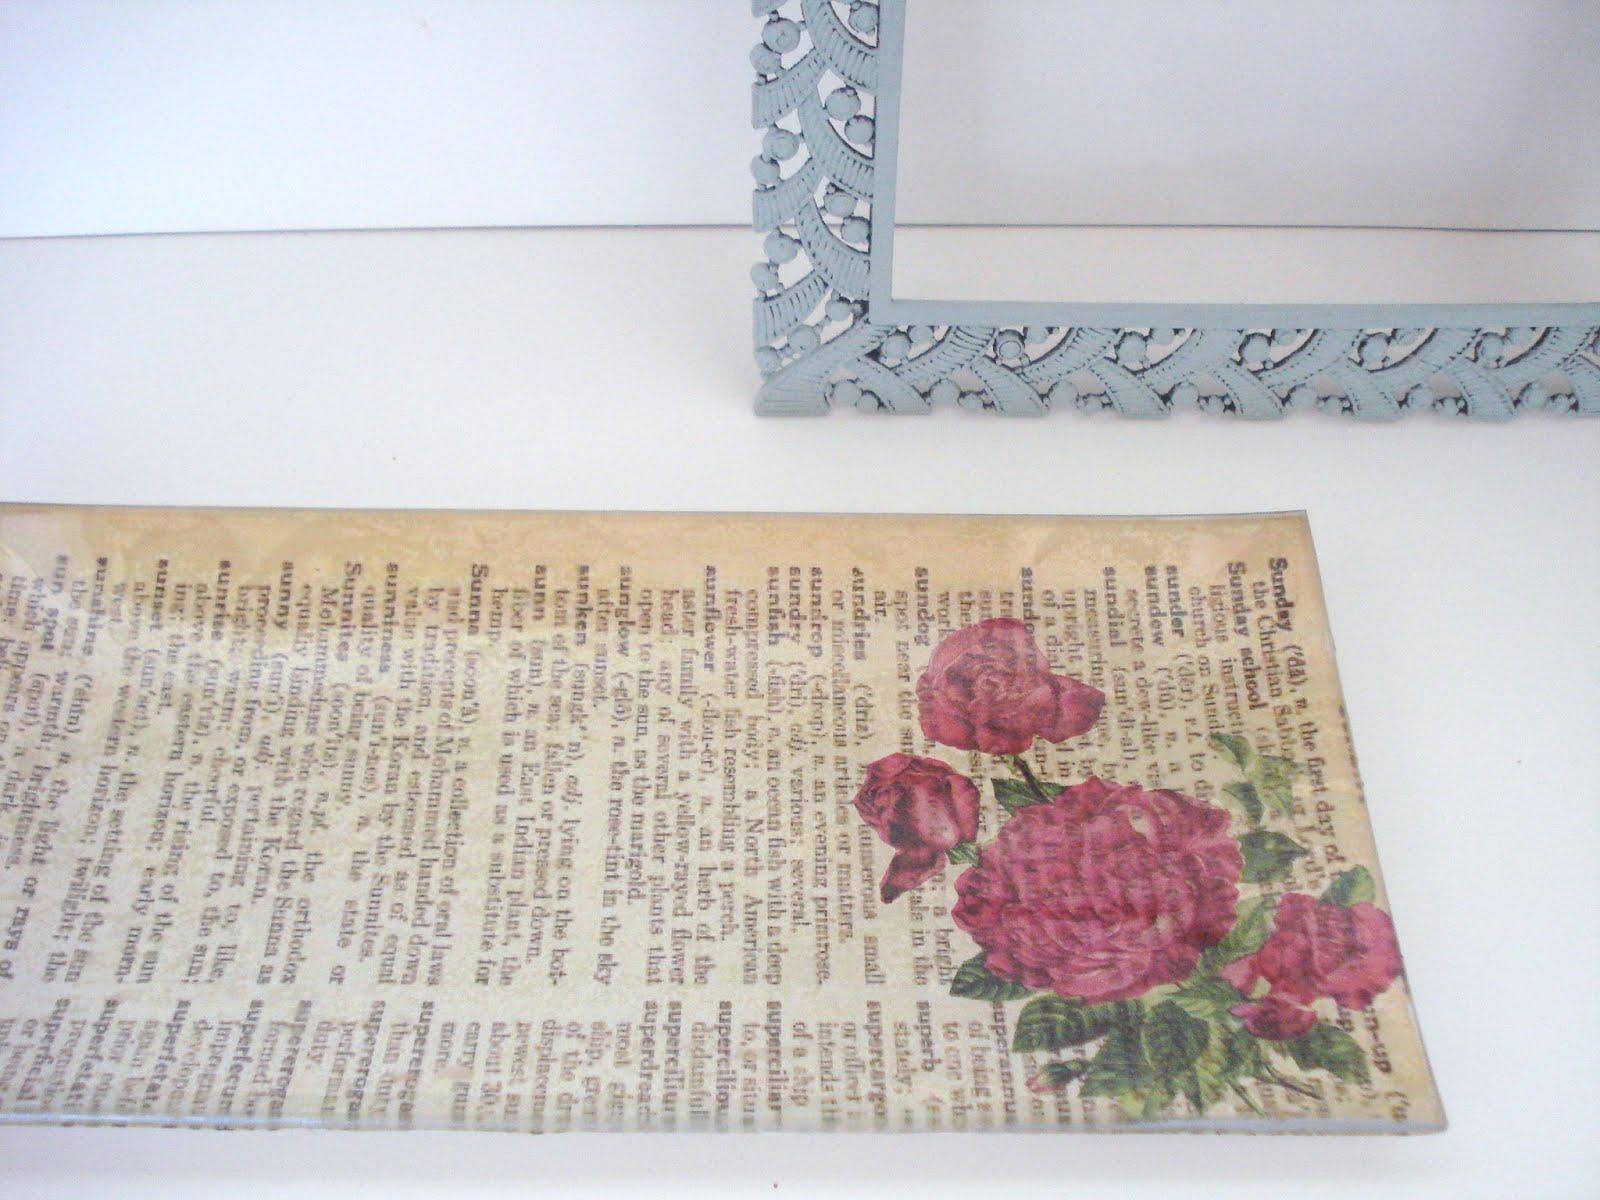 Diy decoupage sobre cristal - Handbox Craft Lovers | Comunidad DIY ...